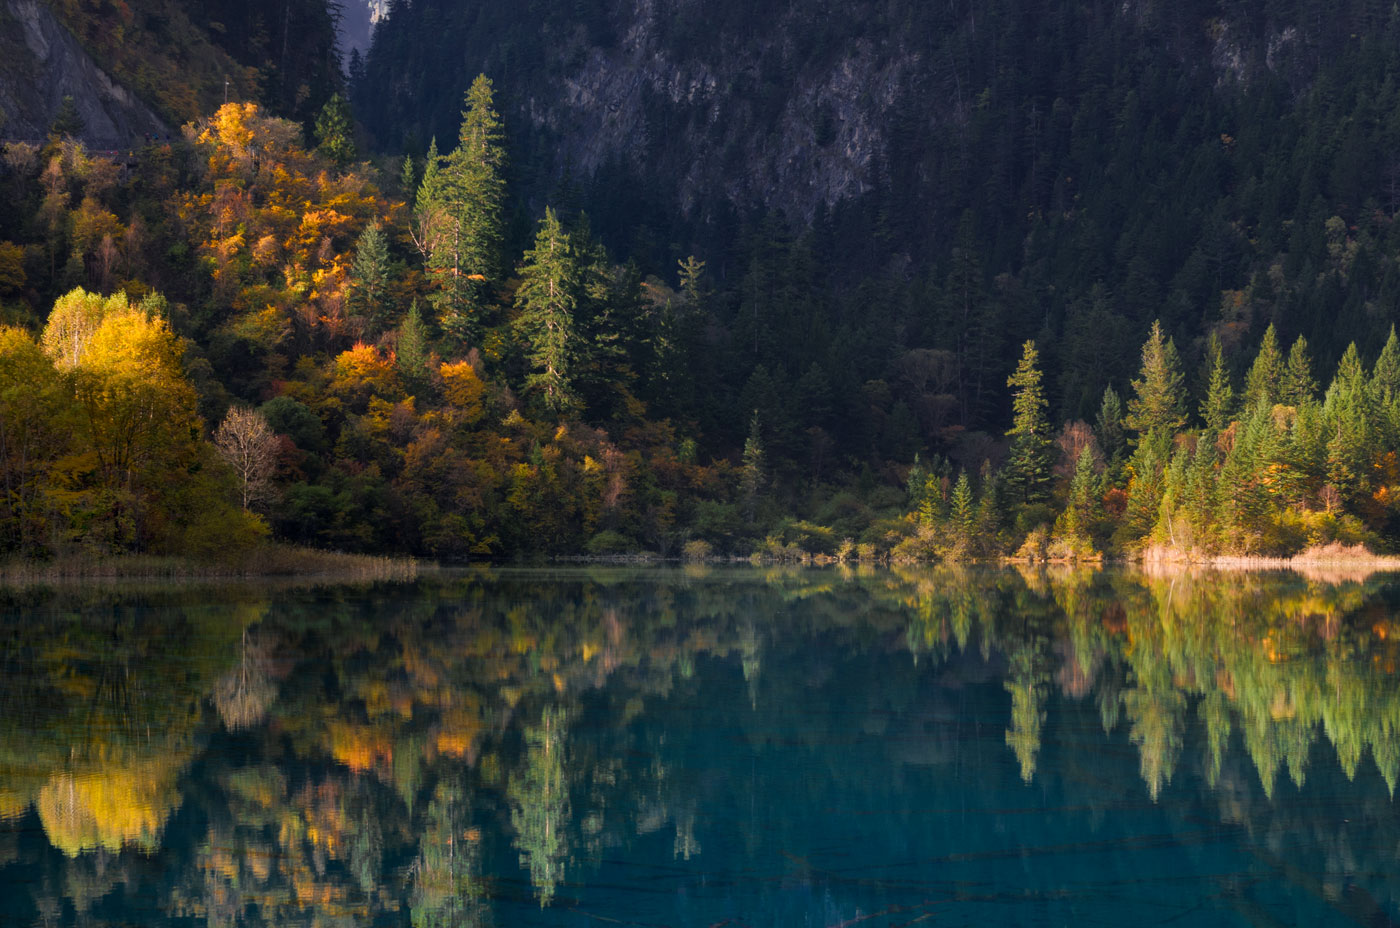 The fall foliage makes a beautiful photobook